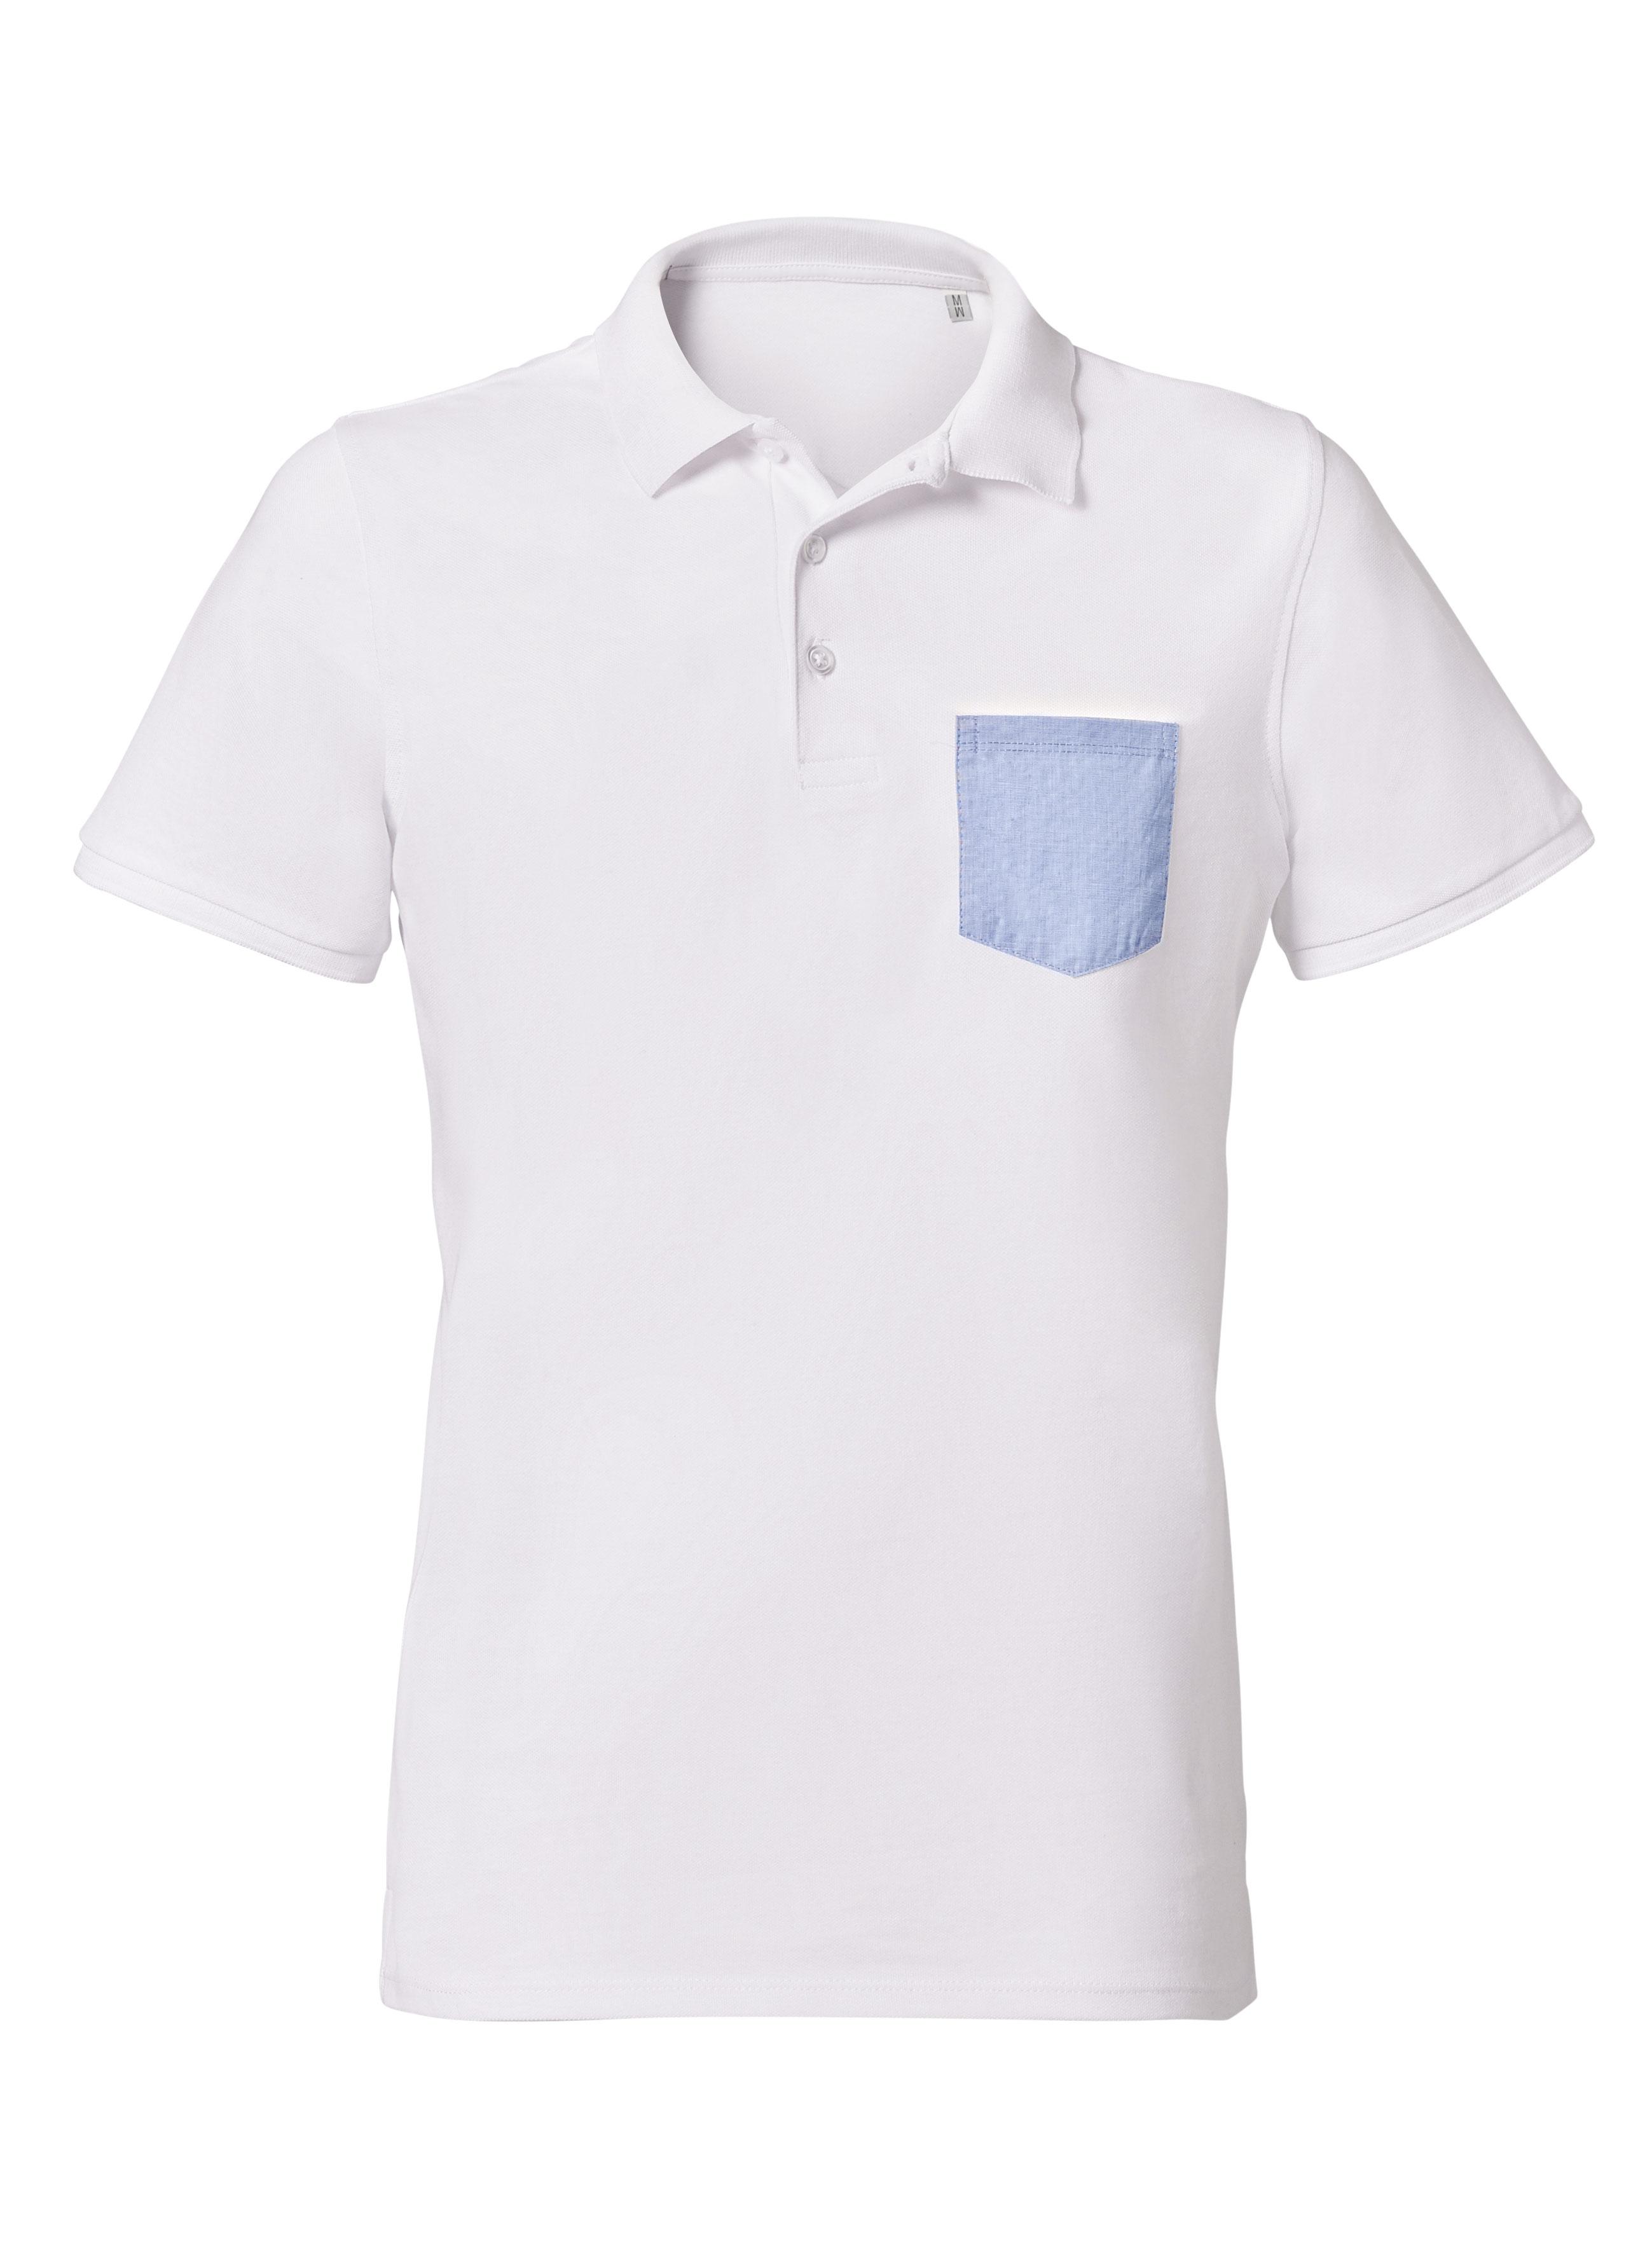 white - blue fil à fil